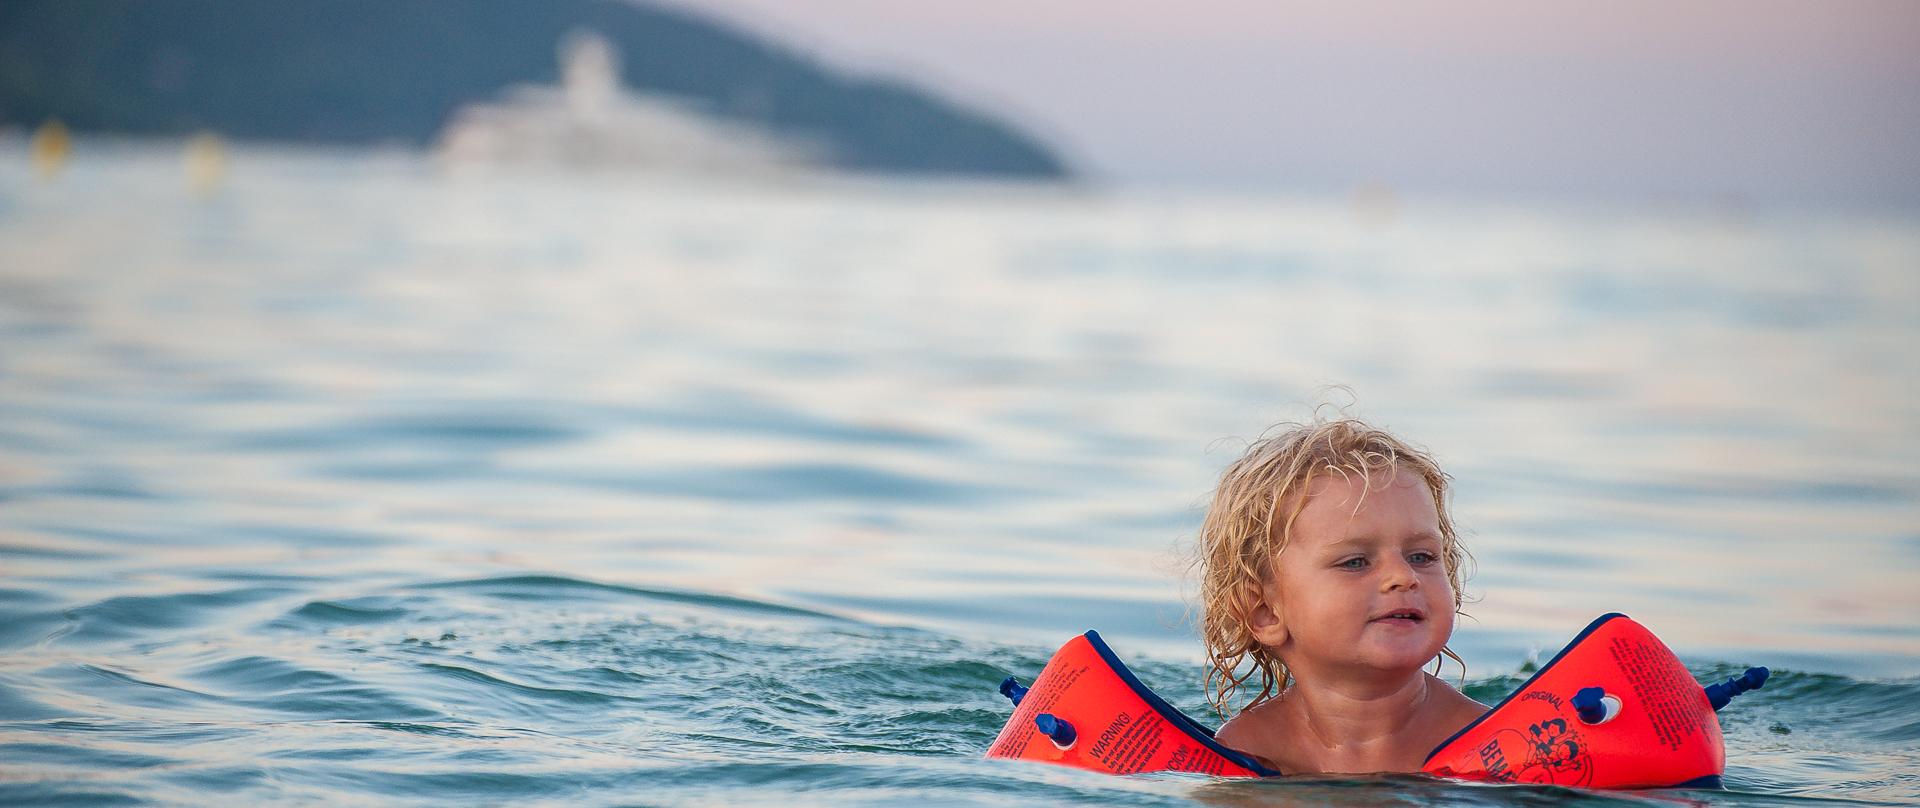 stehmeier-photography-fotograf-muenchen-slider-baden-schimmen-kind-saint-tropez-pampalone-plage-strand